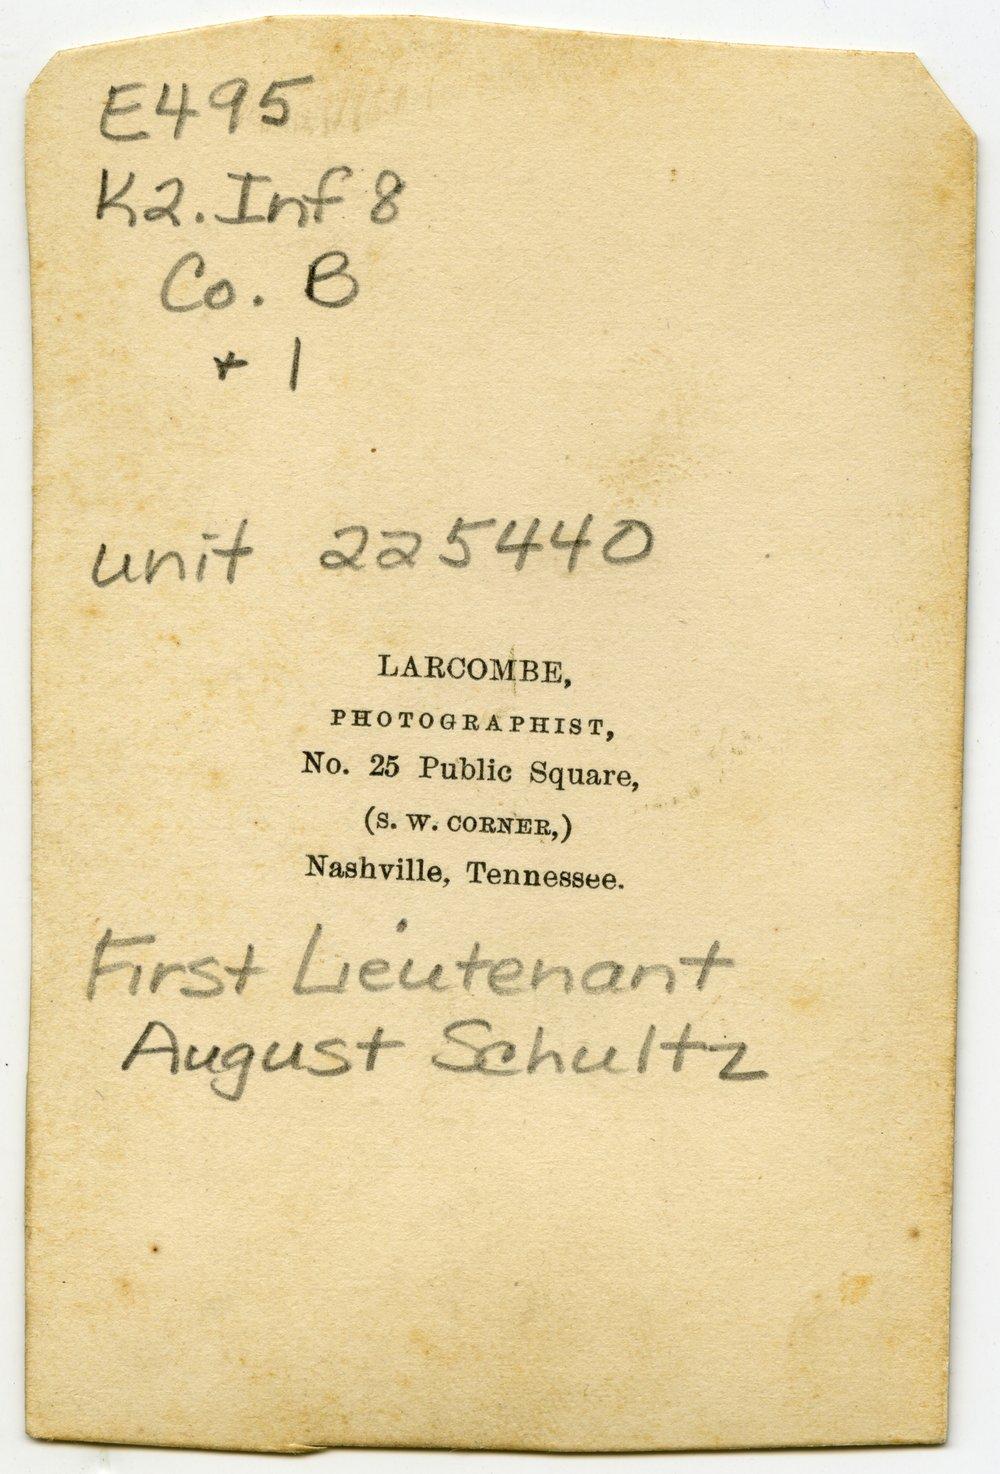 August Schultz - 2